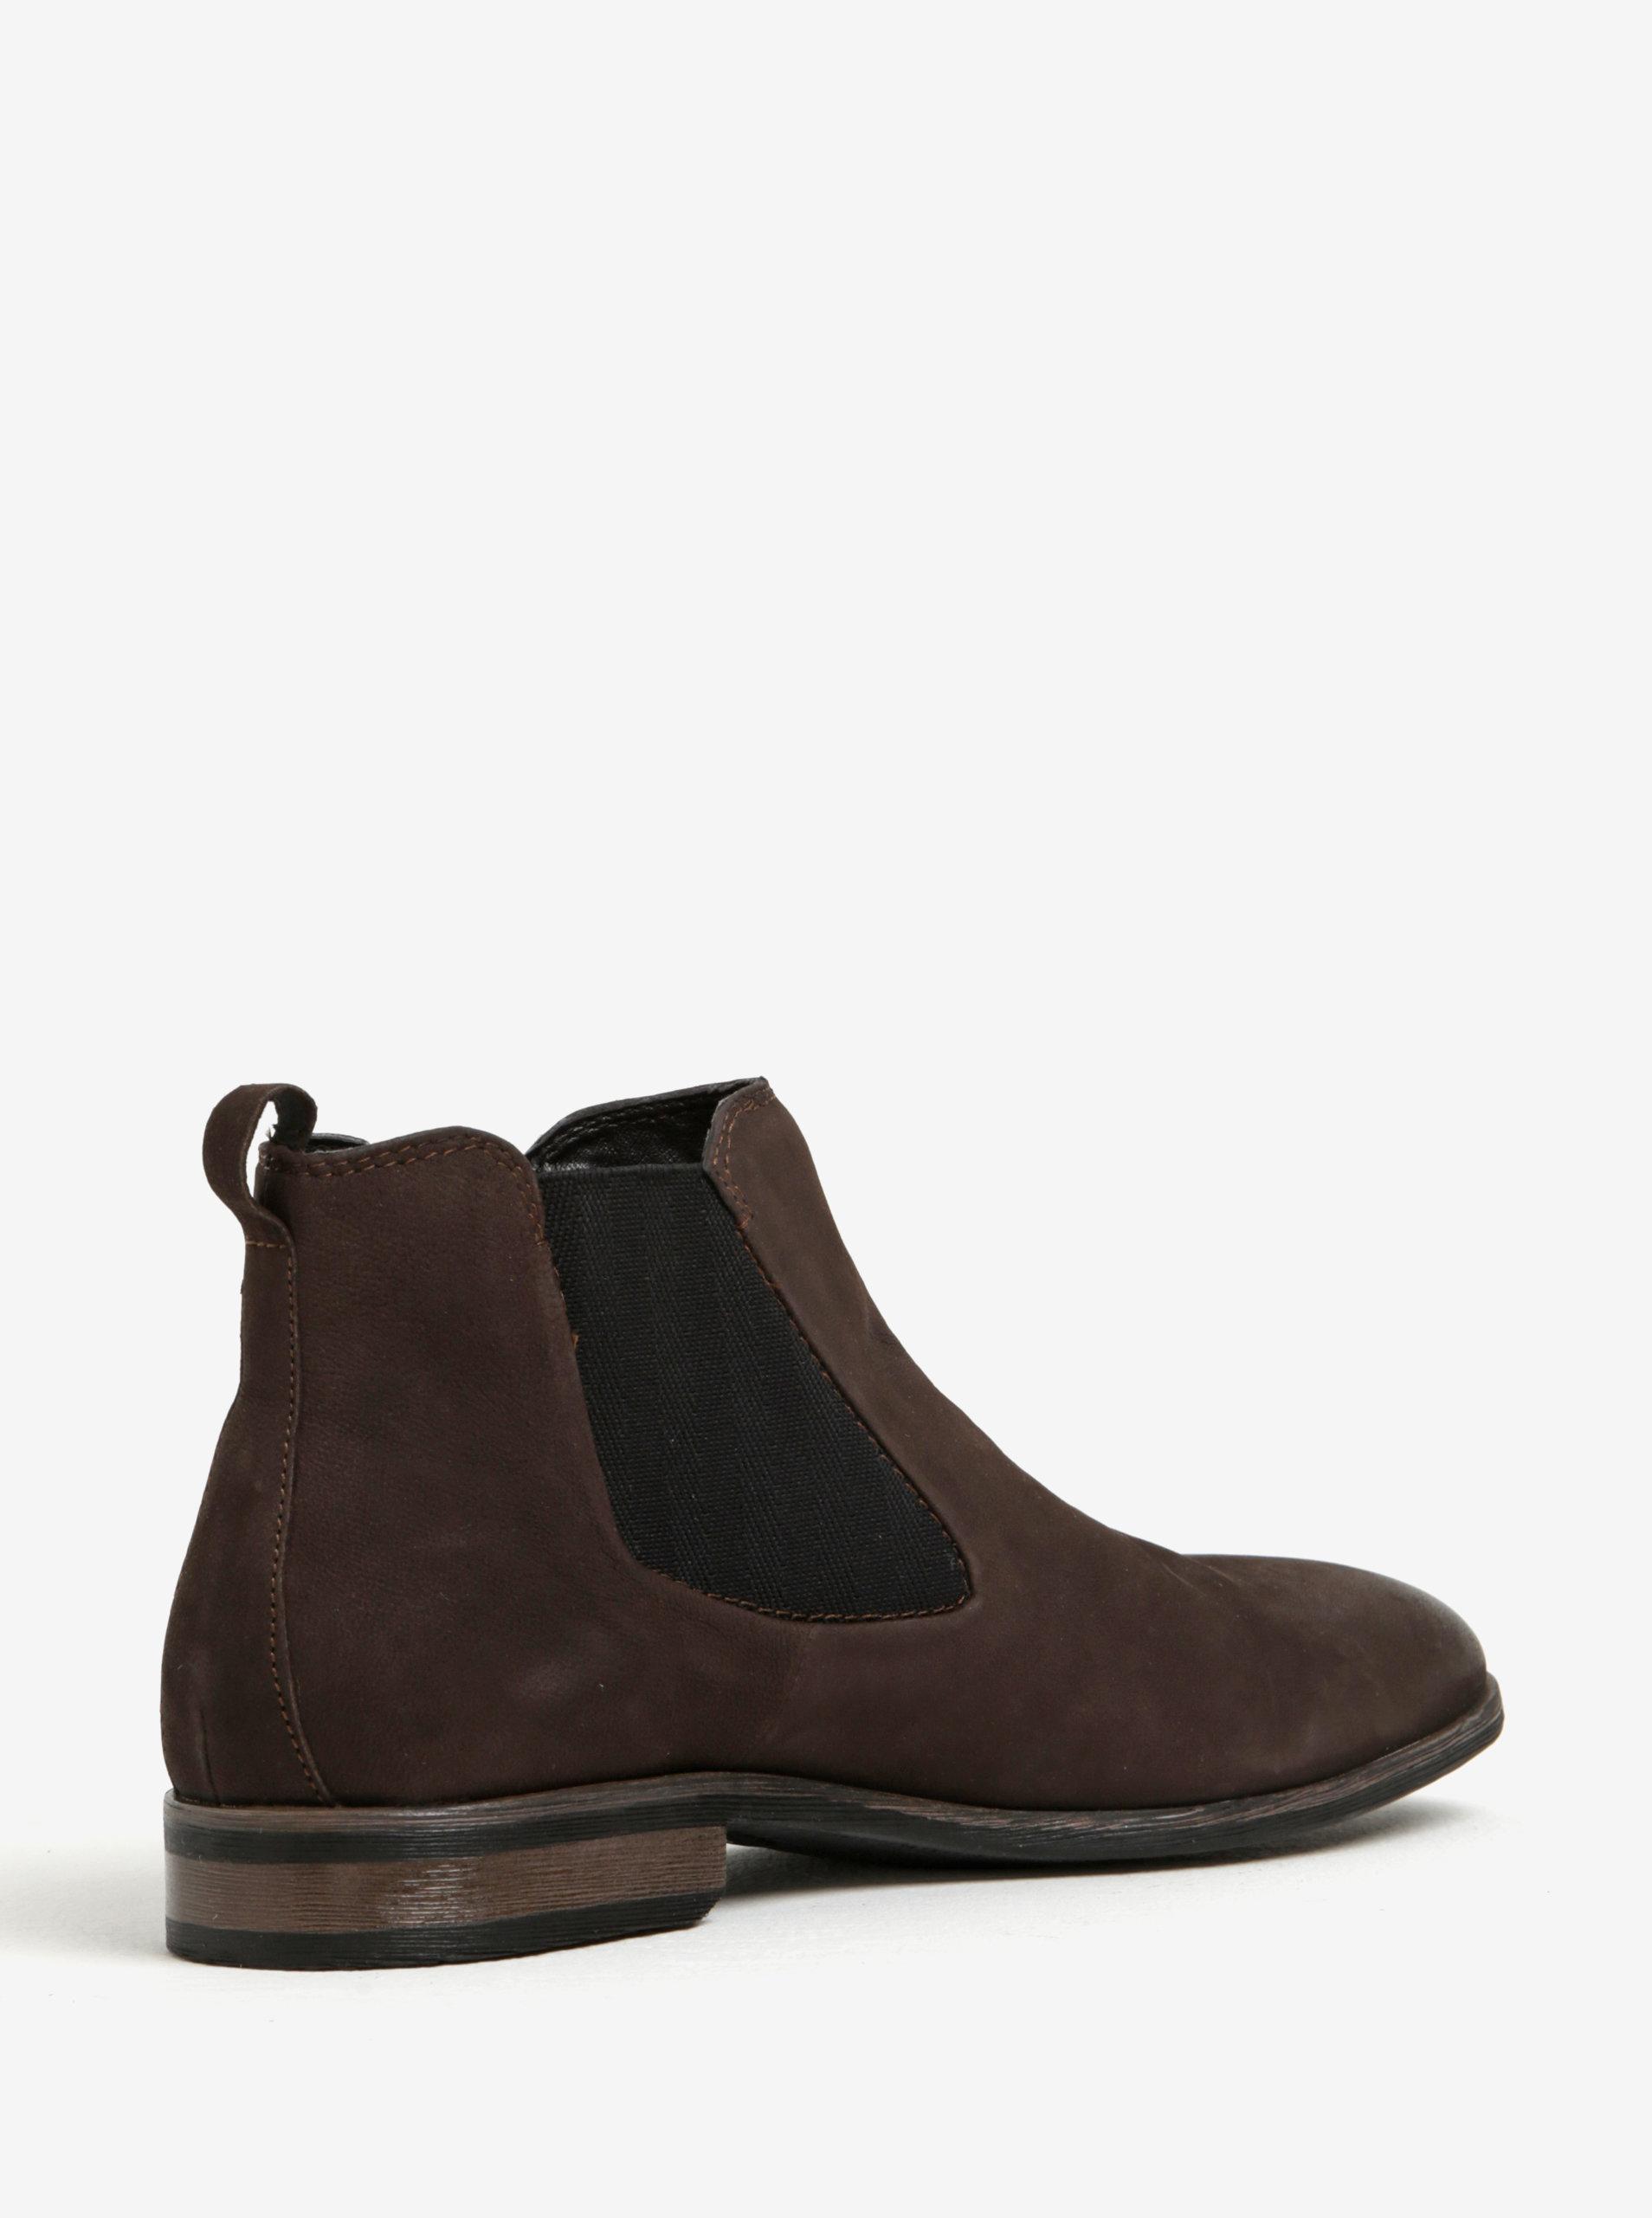 3367405bb1d8 Tmavohnedé pánske kožené chelsea topánky bugatti Lothario ...